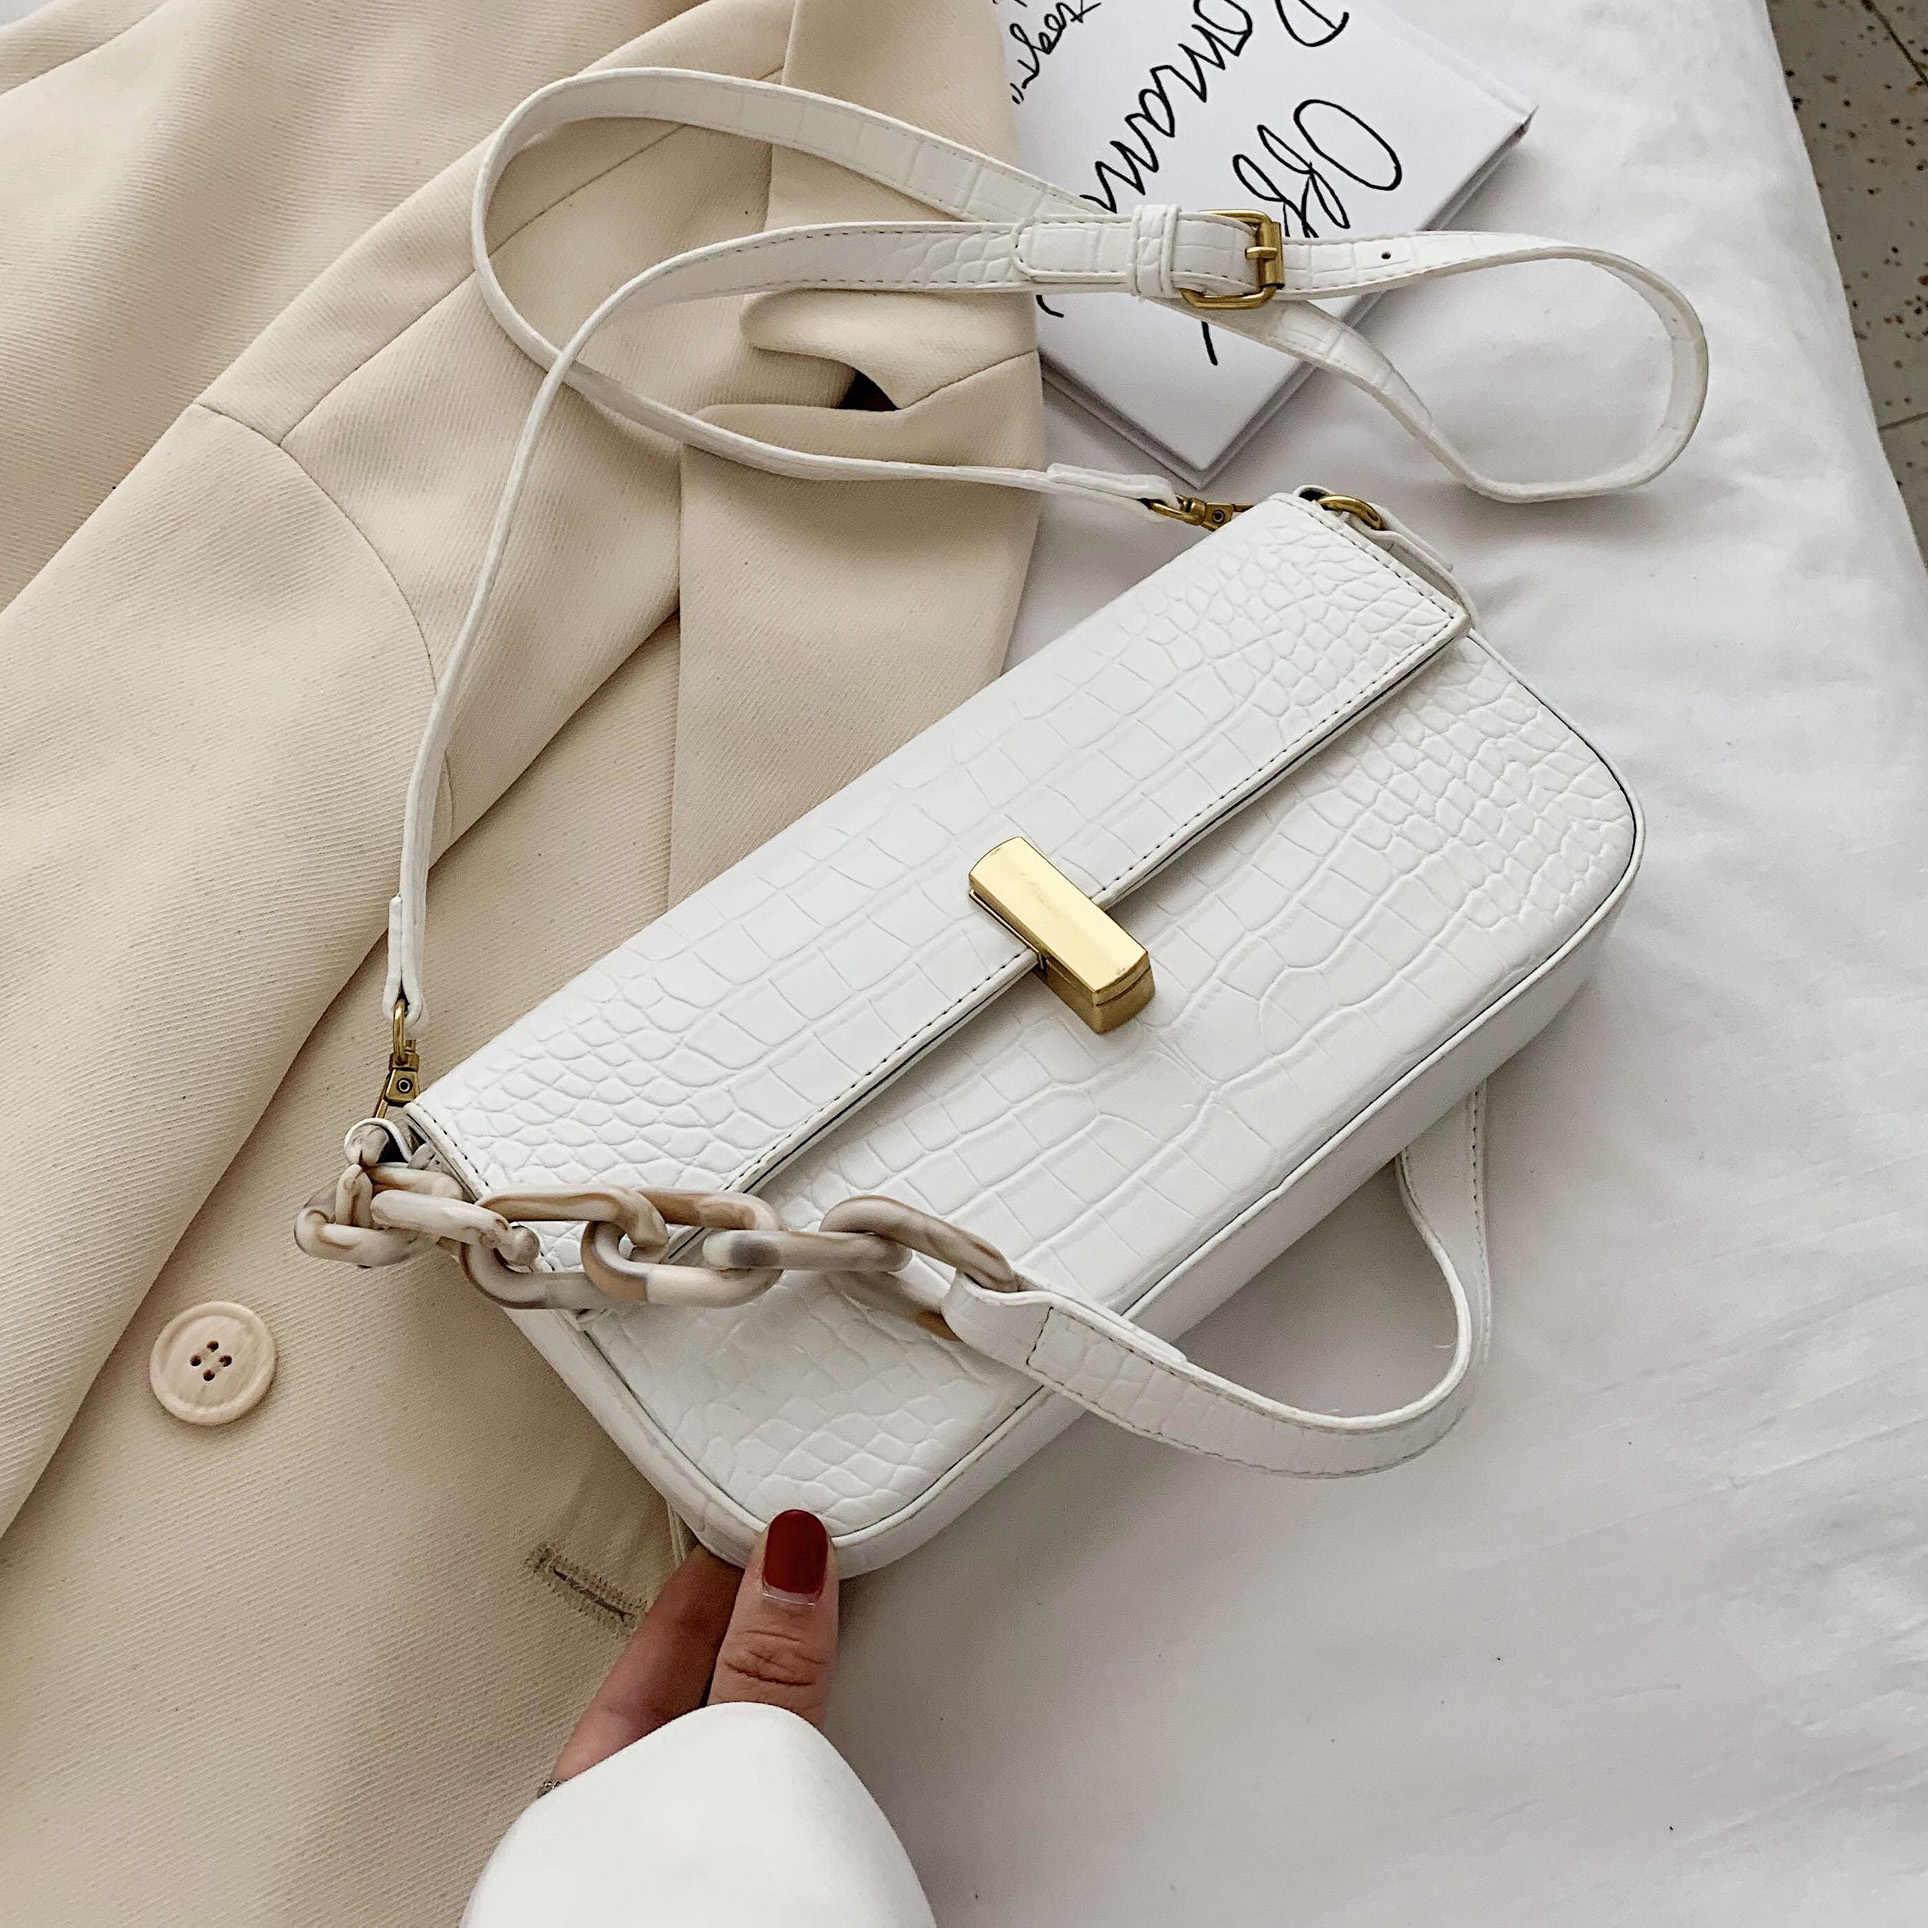 Acryl Kette Achselhöhle Taschen Kleine Umhängetaschen Für Frauen 2020 Sommer Einfache Schulter Handtaschen Weibliche Reise Cross Body Tasche